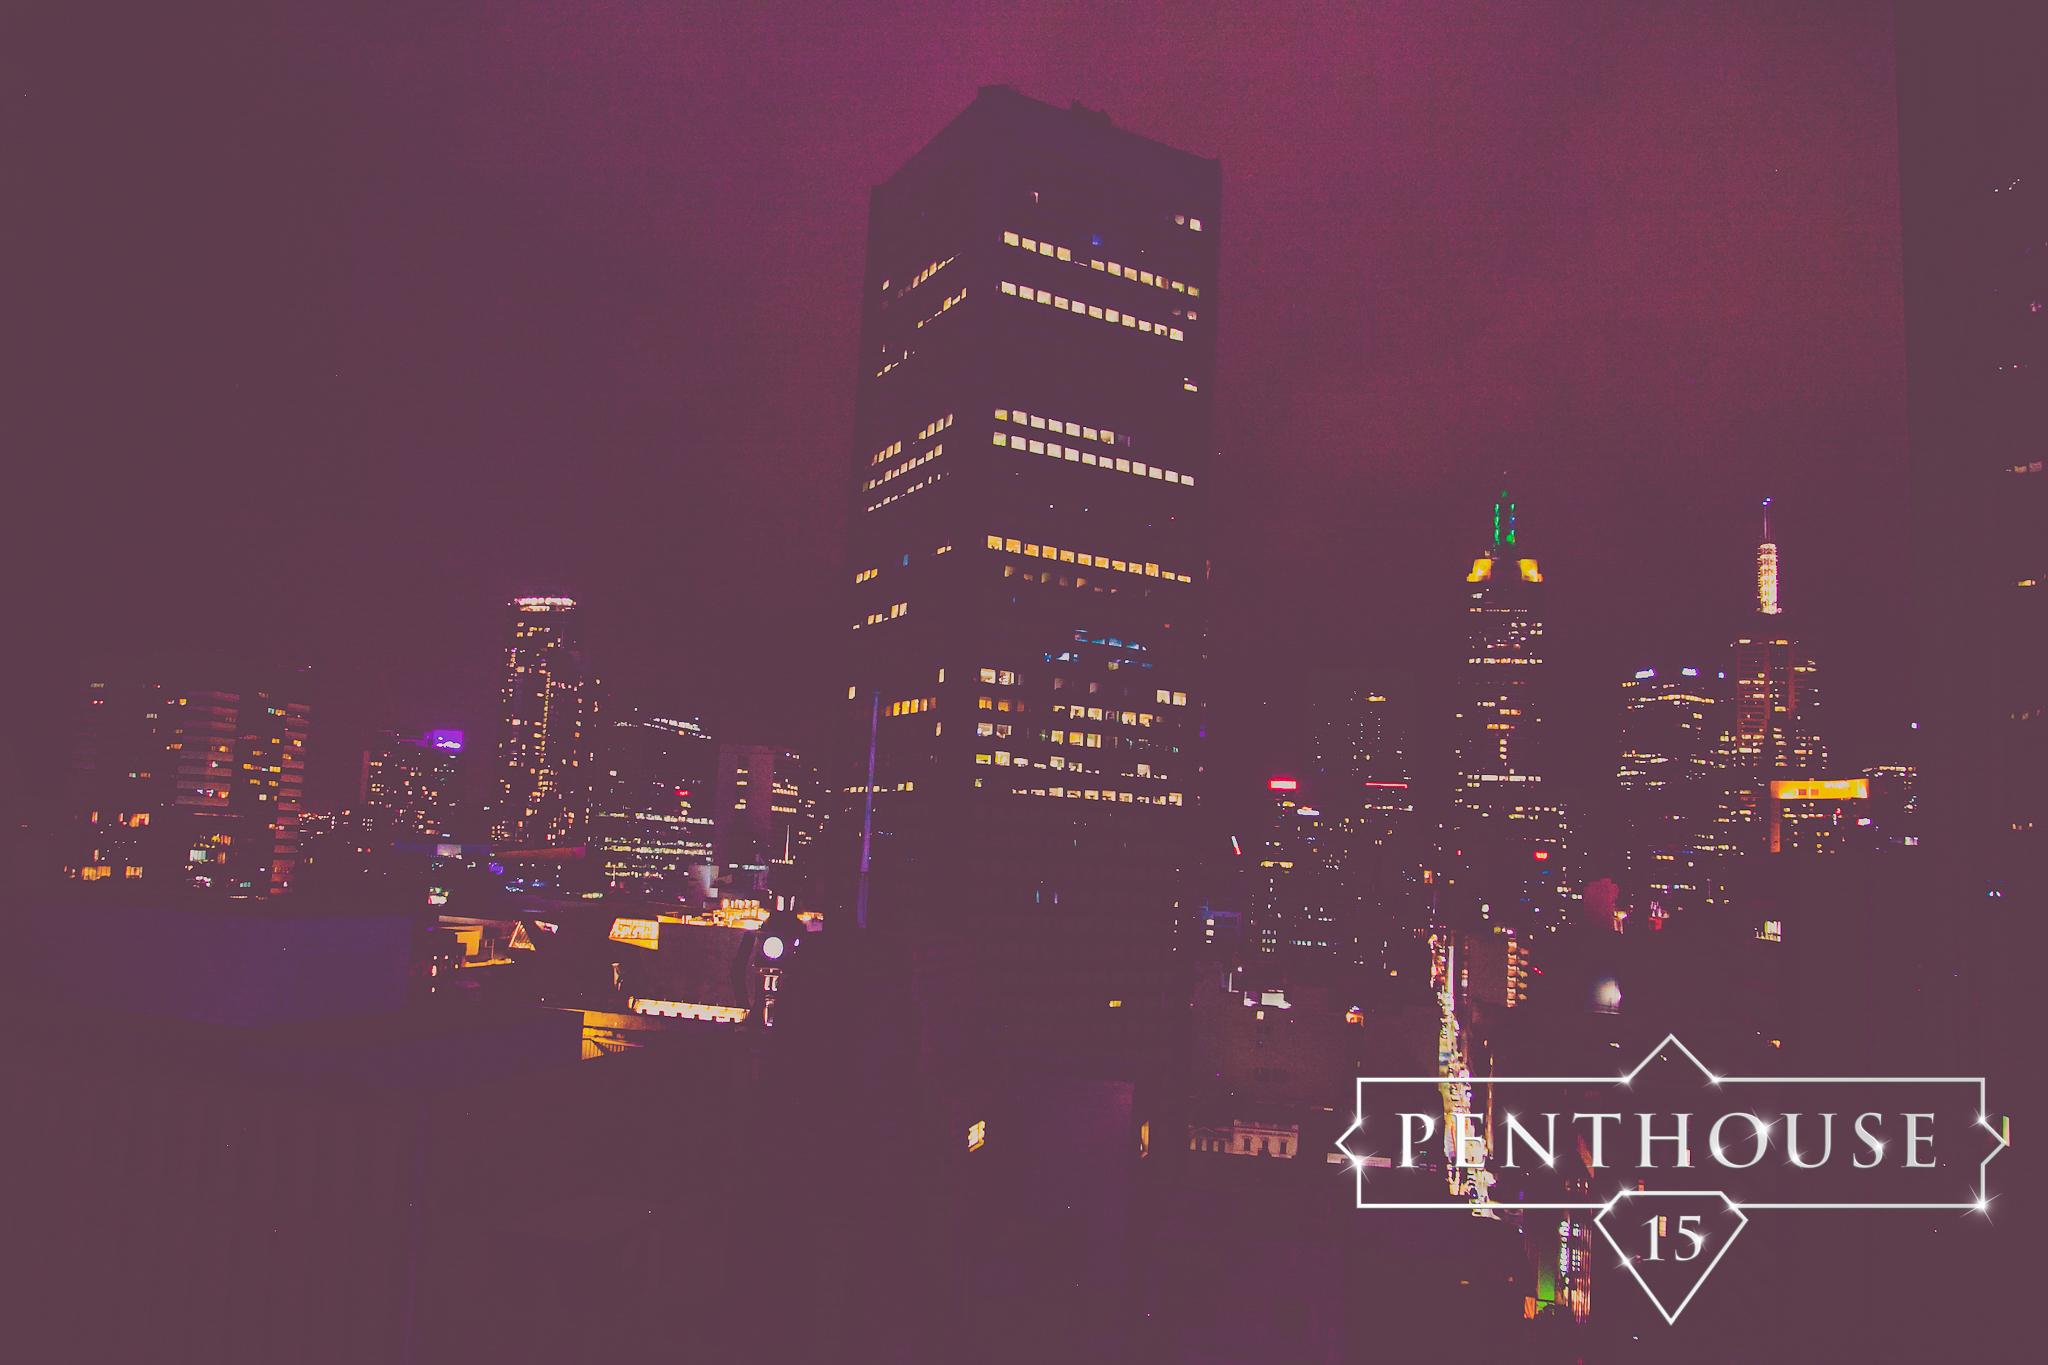 Penthouse_cream_0182.jpg